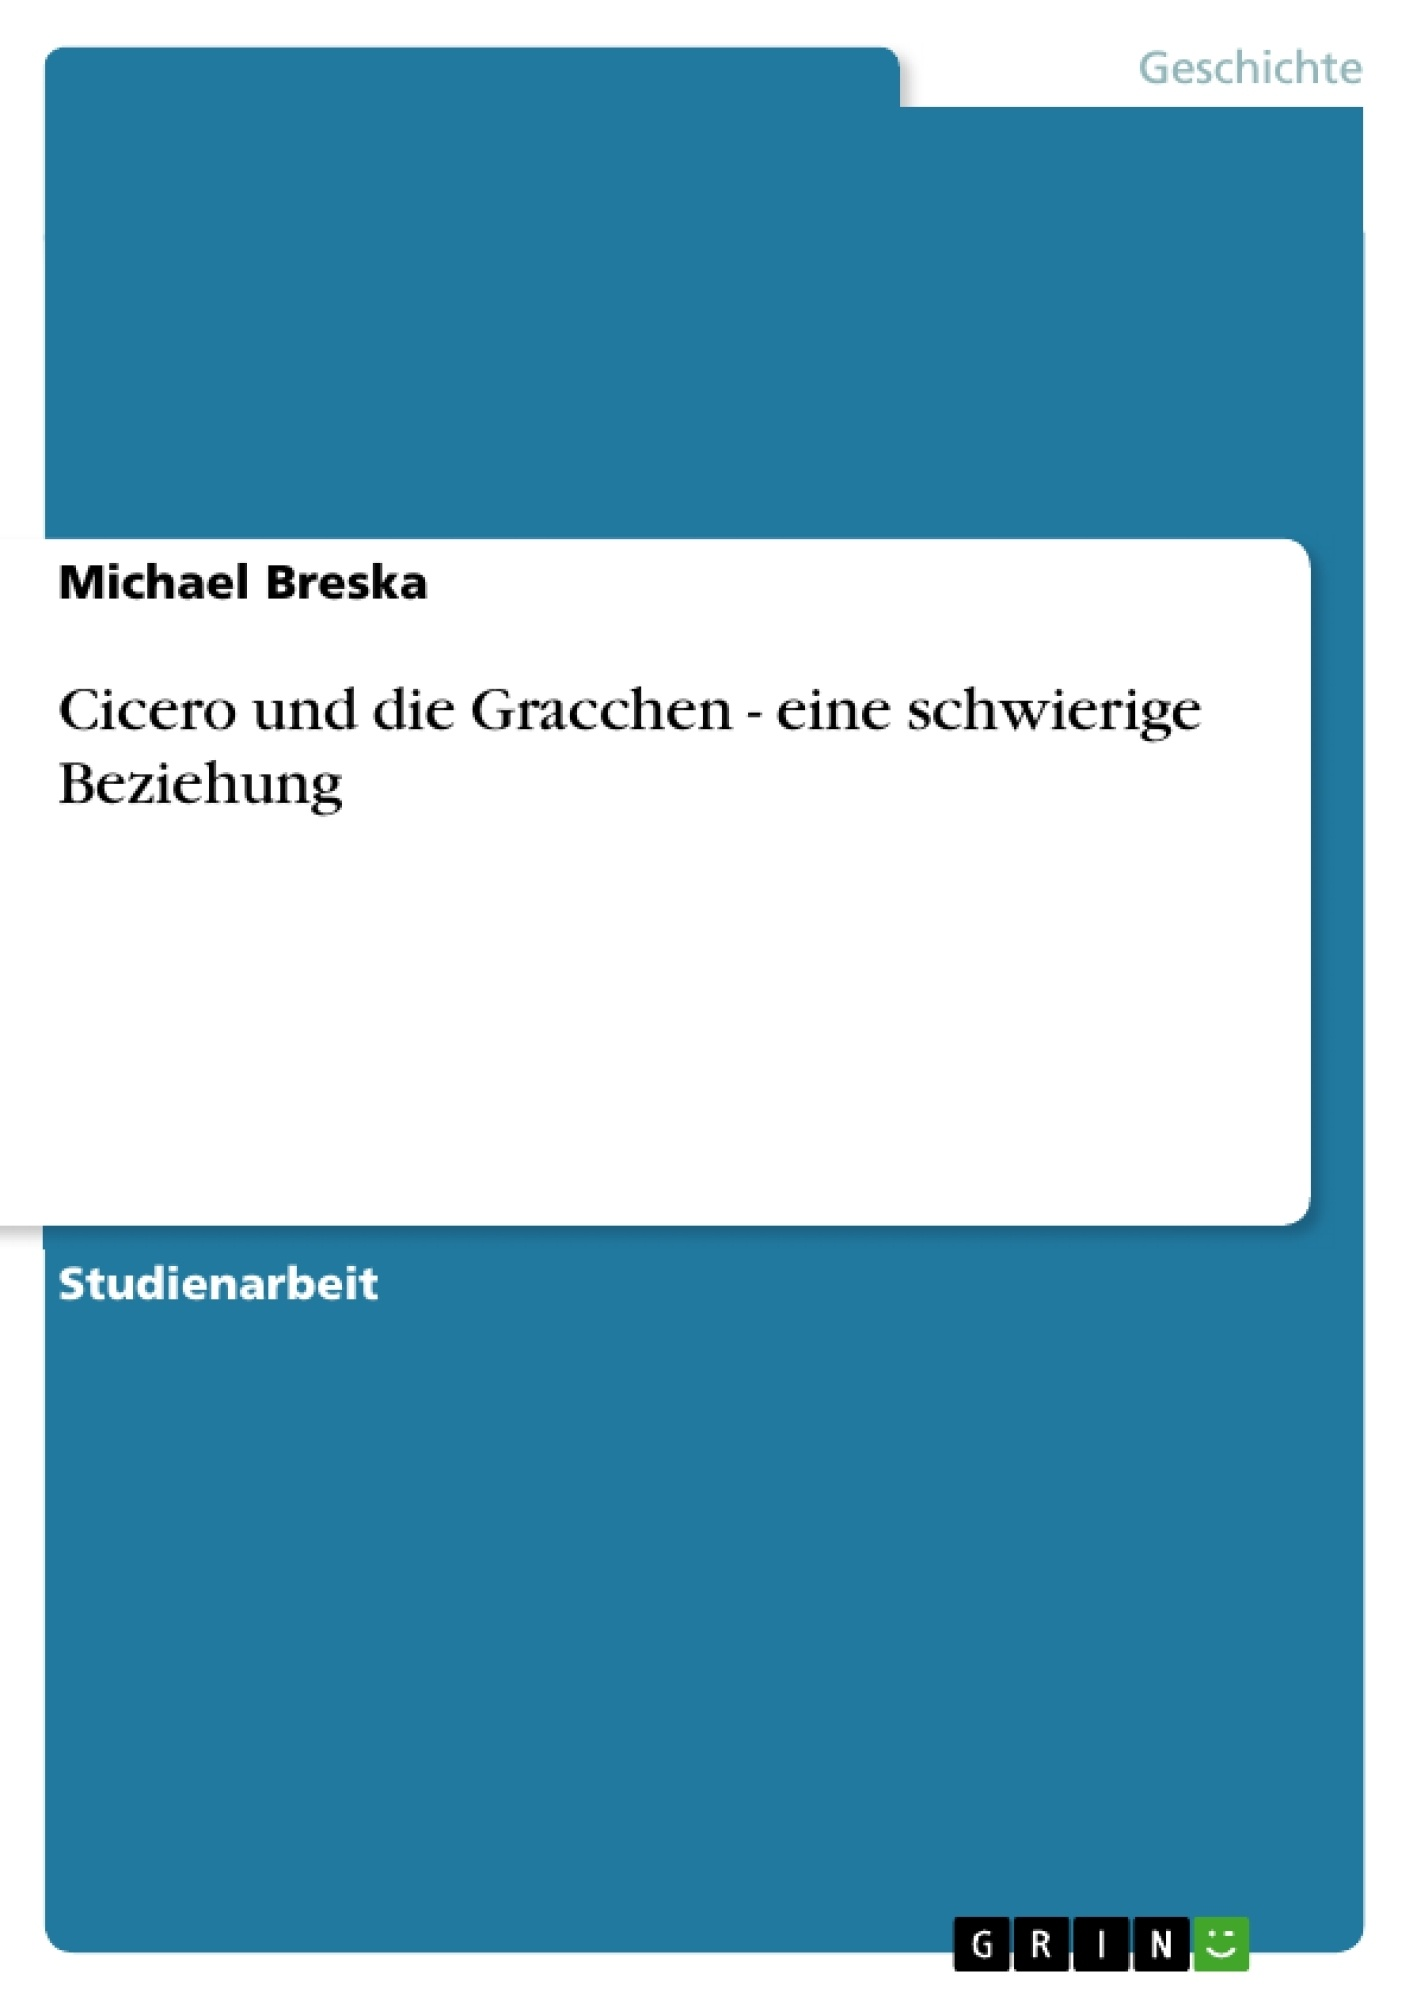 Titel: Cicero und die Gracchen - eine schwierige Beziehung